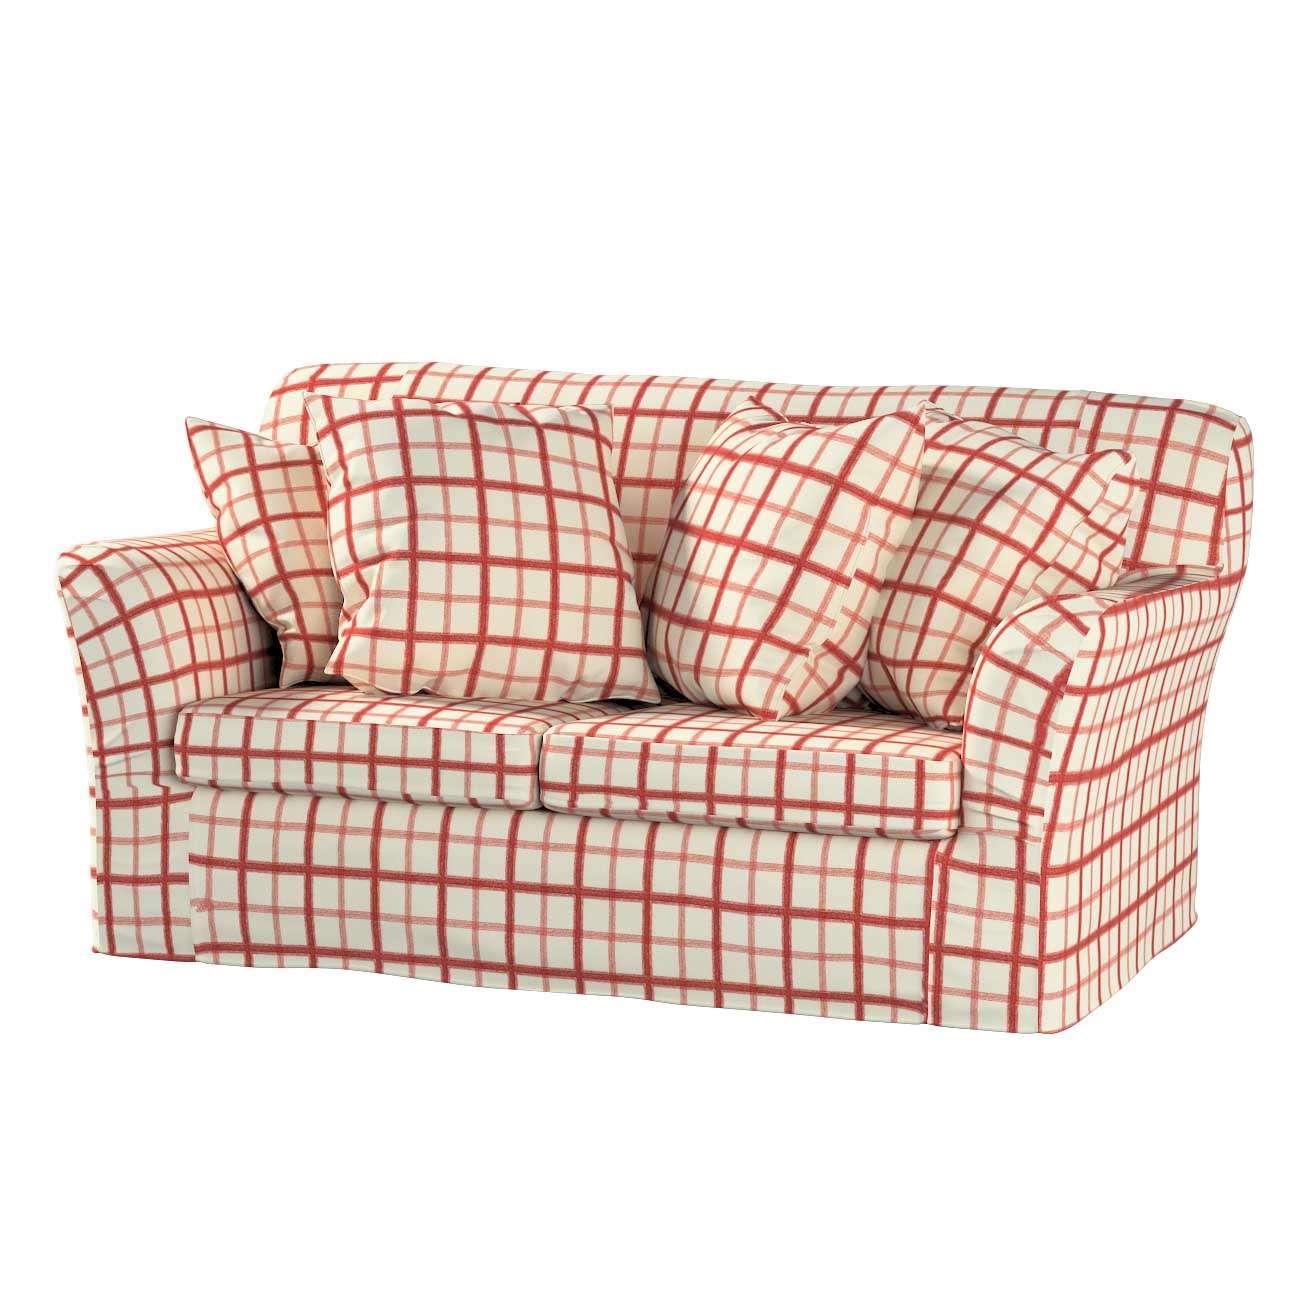 TOMELILLA  dvivietės sofos užvalkalas TOMELILLA dvivietė sofa kolekcijoje Avinon, audinys: 131-15